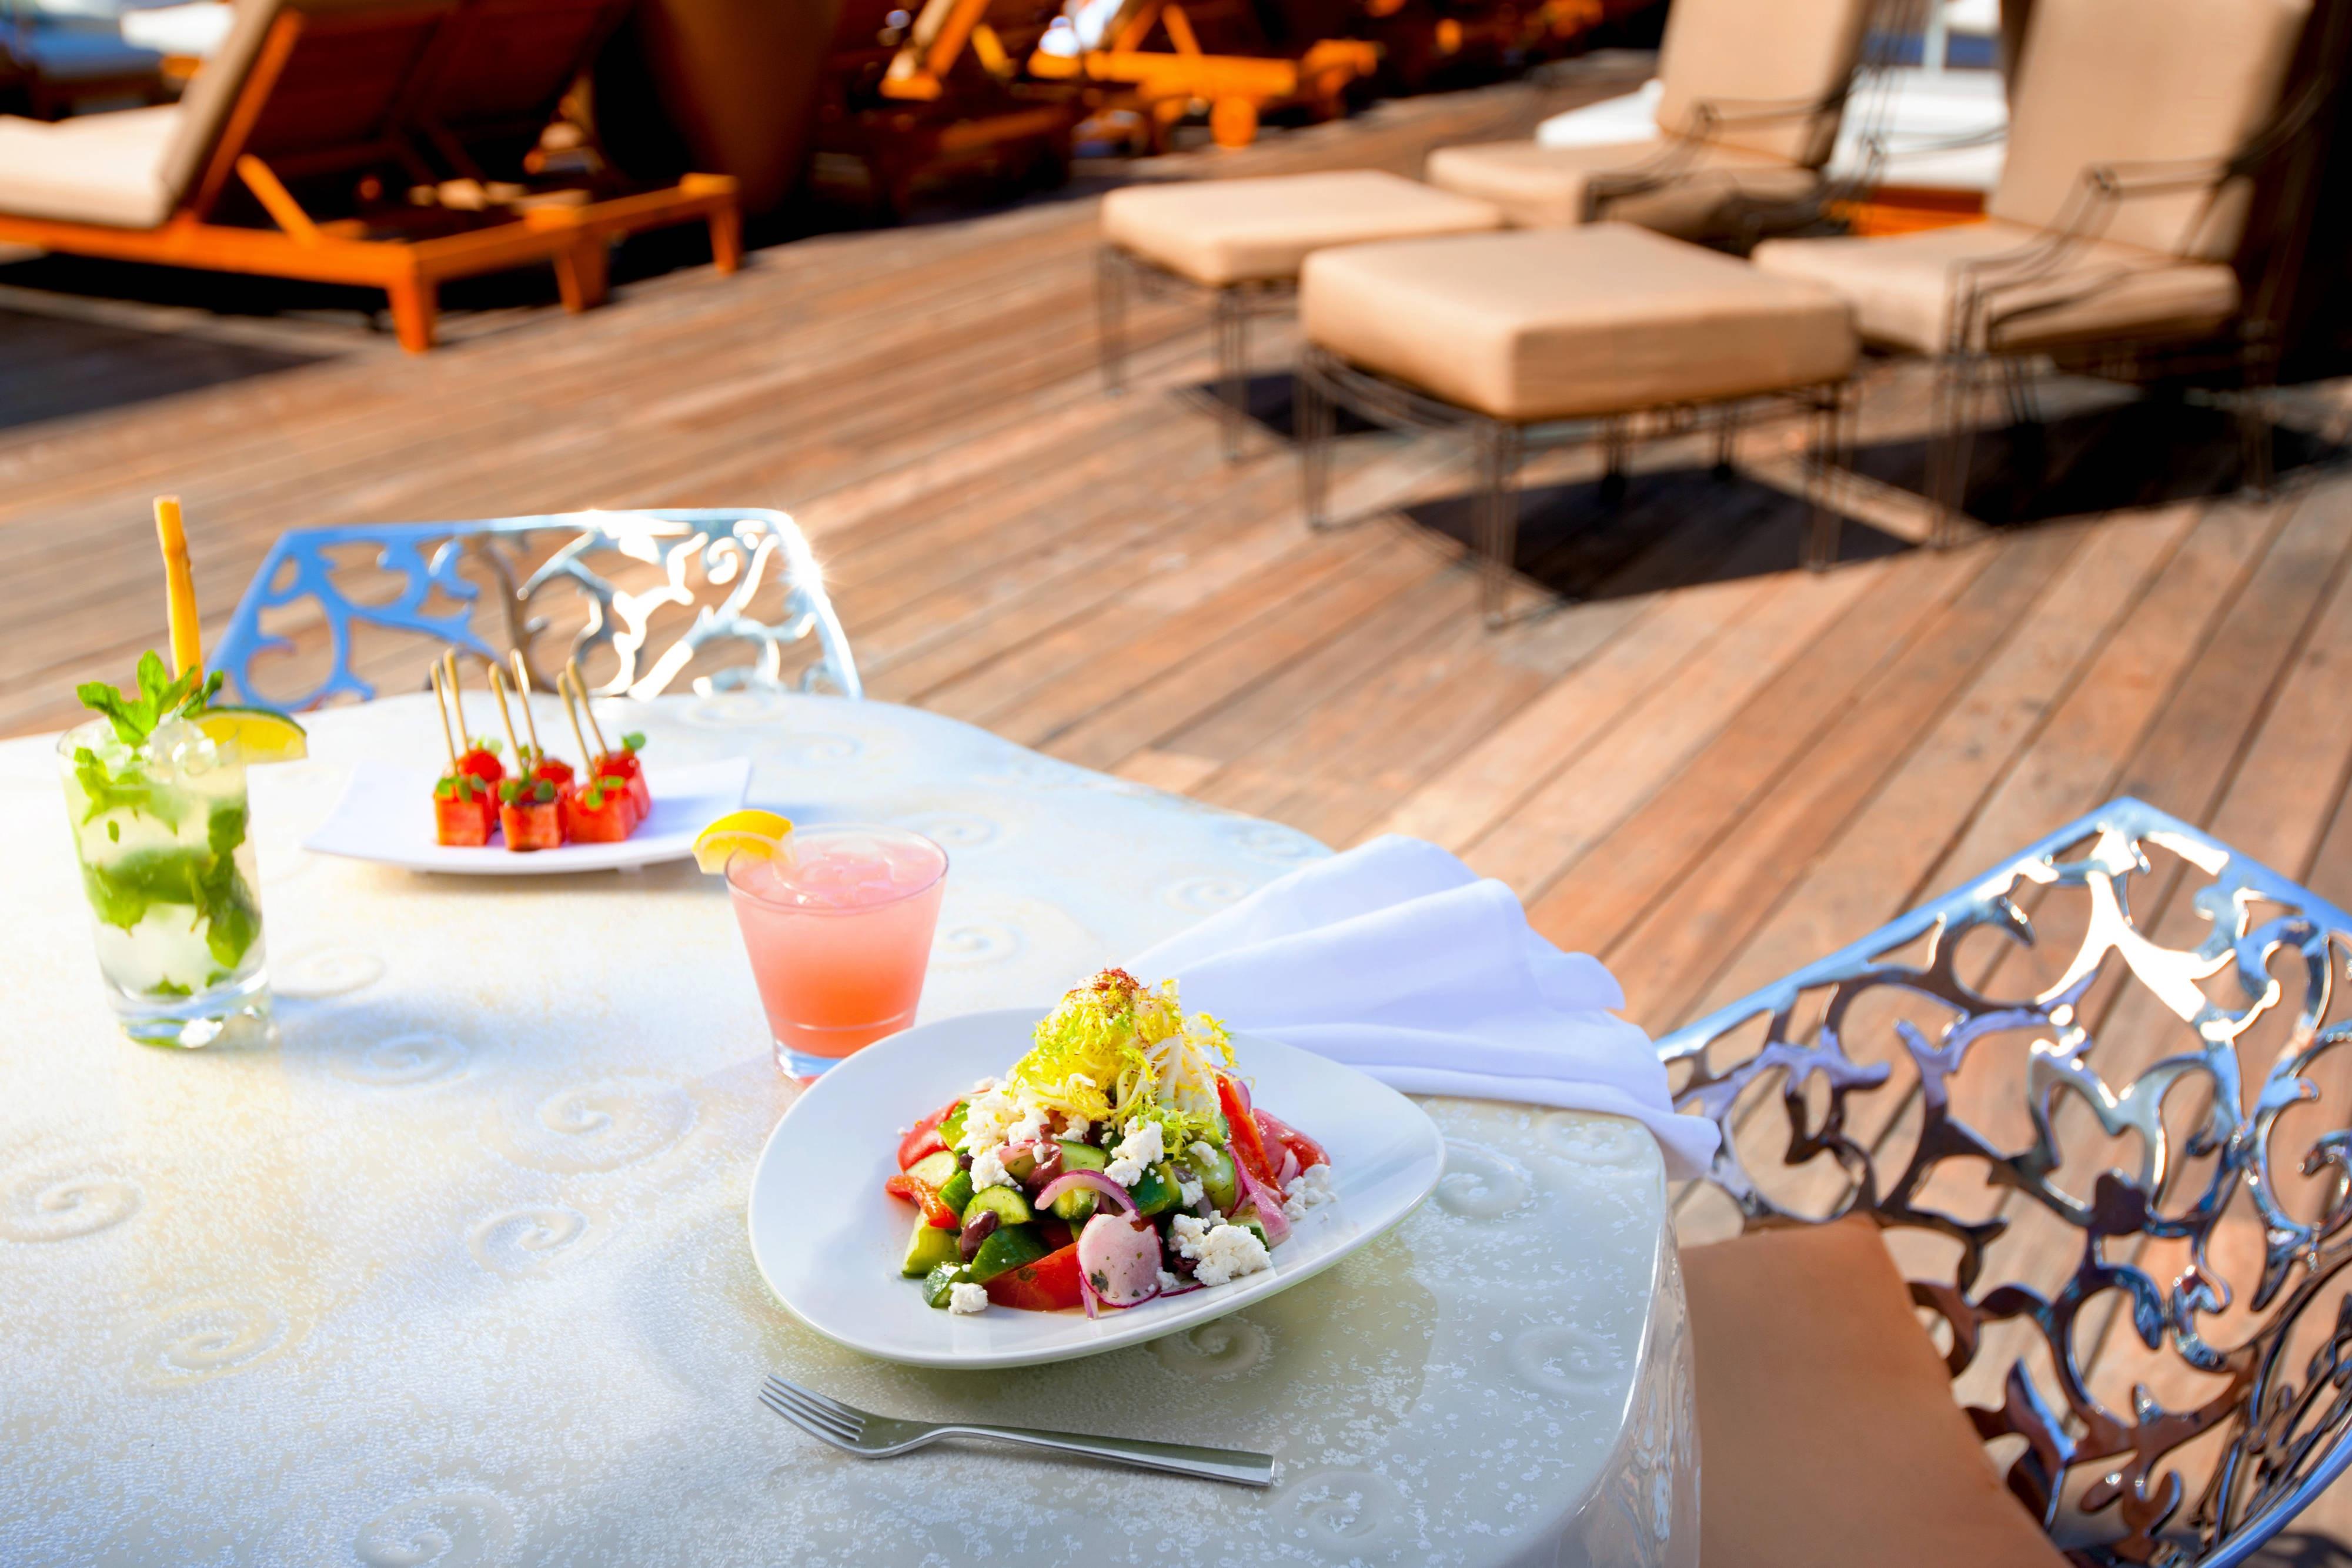 Poolside salad